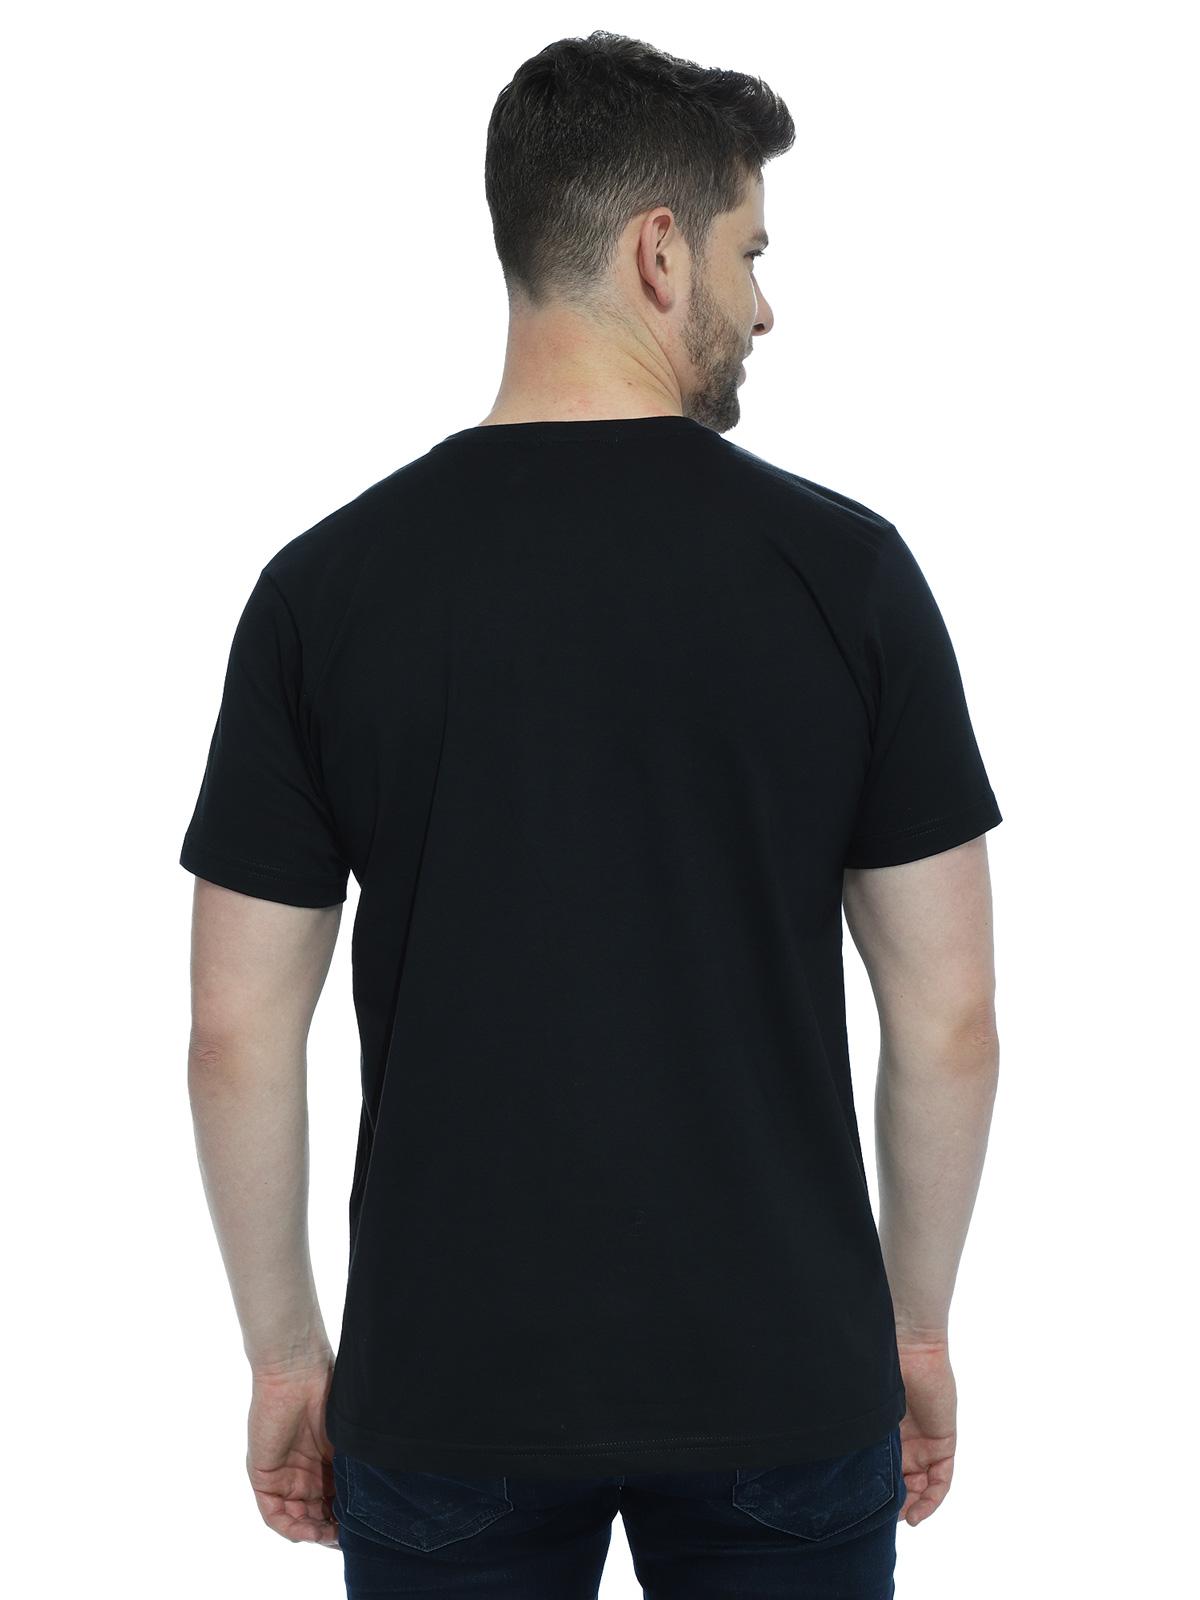 Camiseta Masculina Algodão Manga Curta Básica Lisa Preto